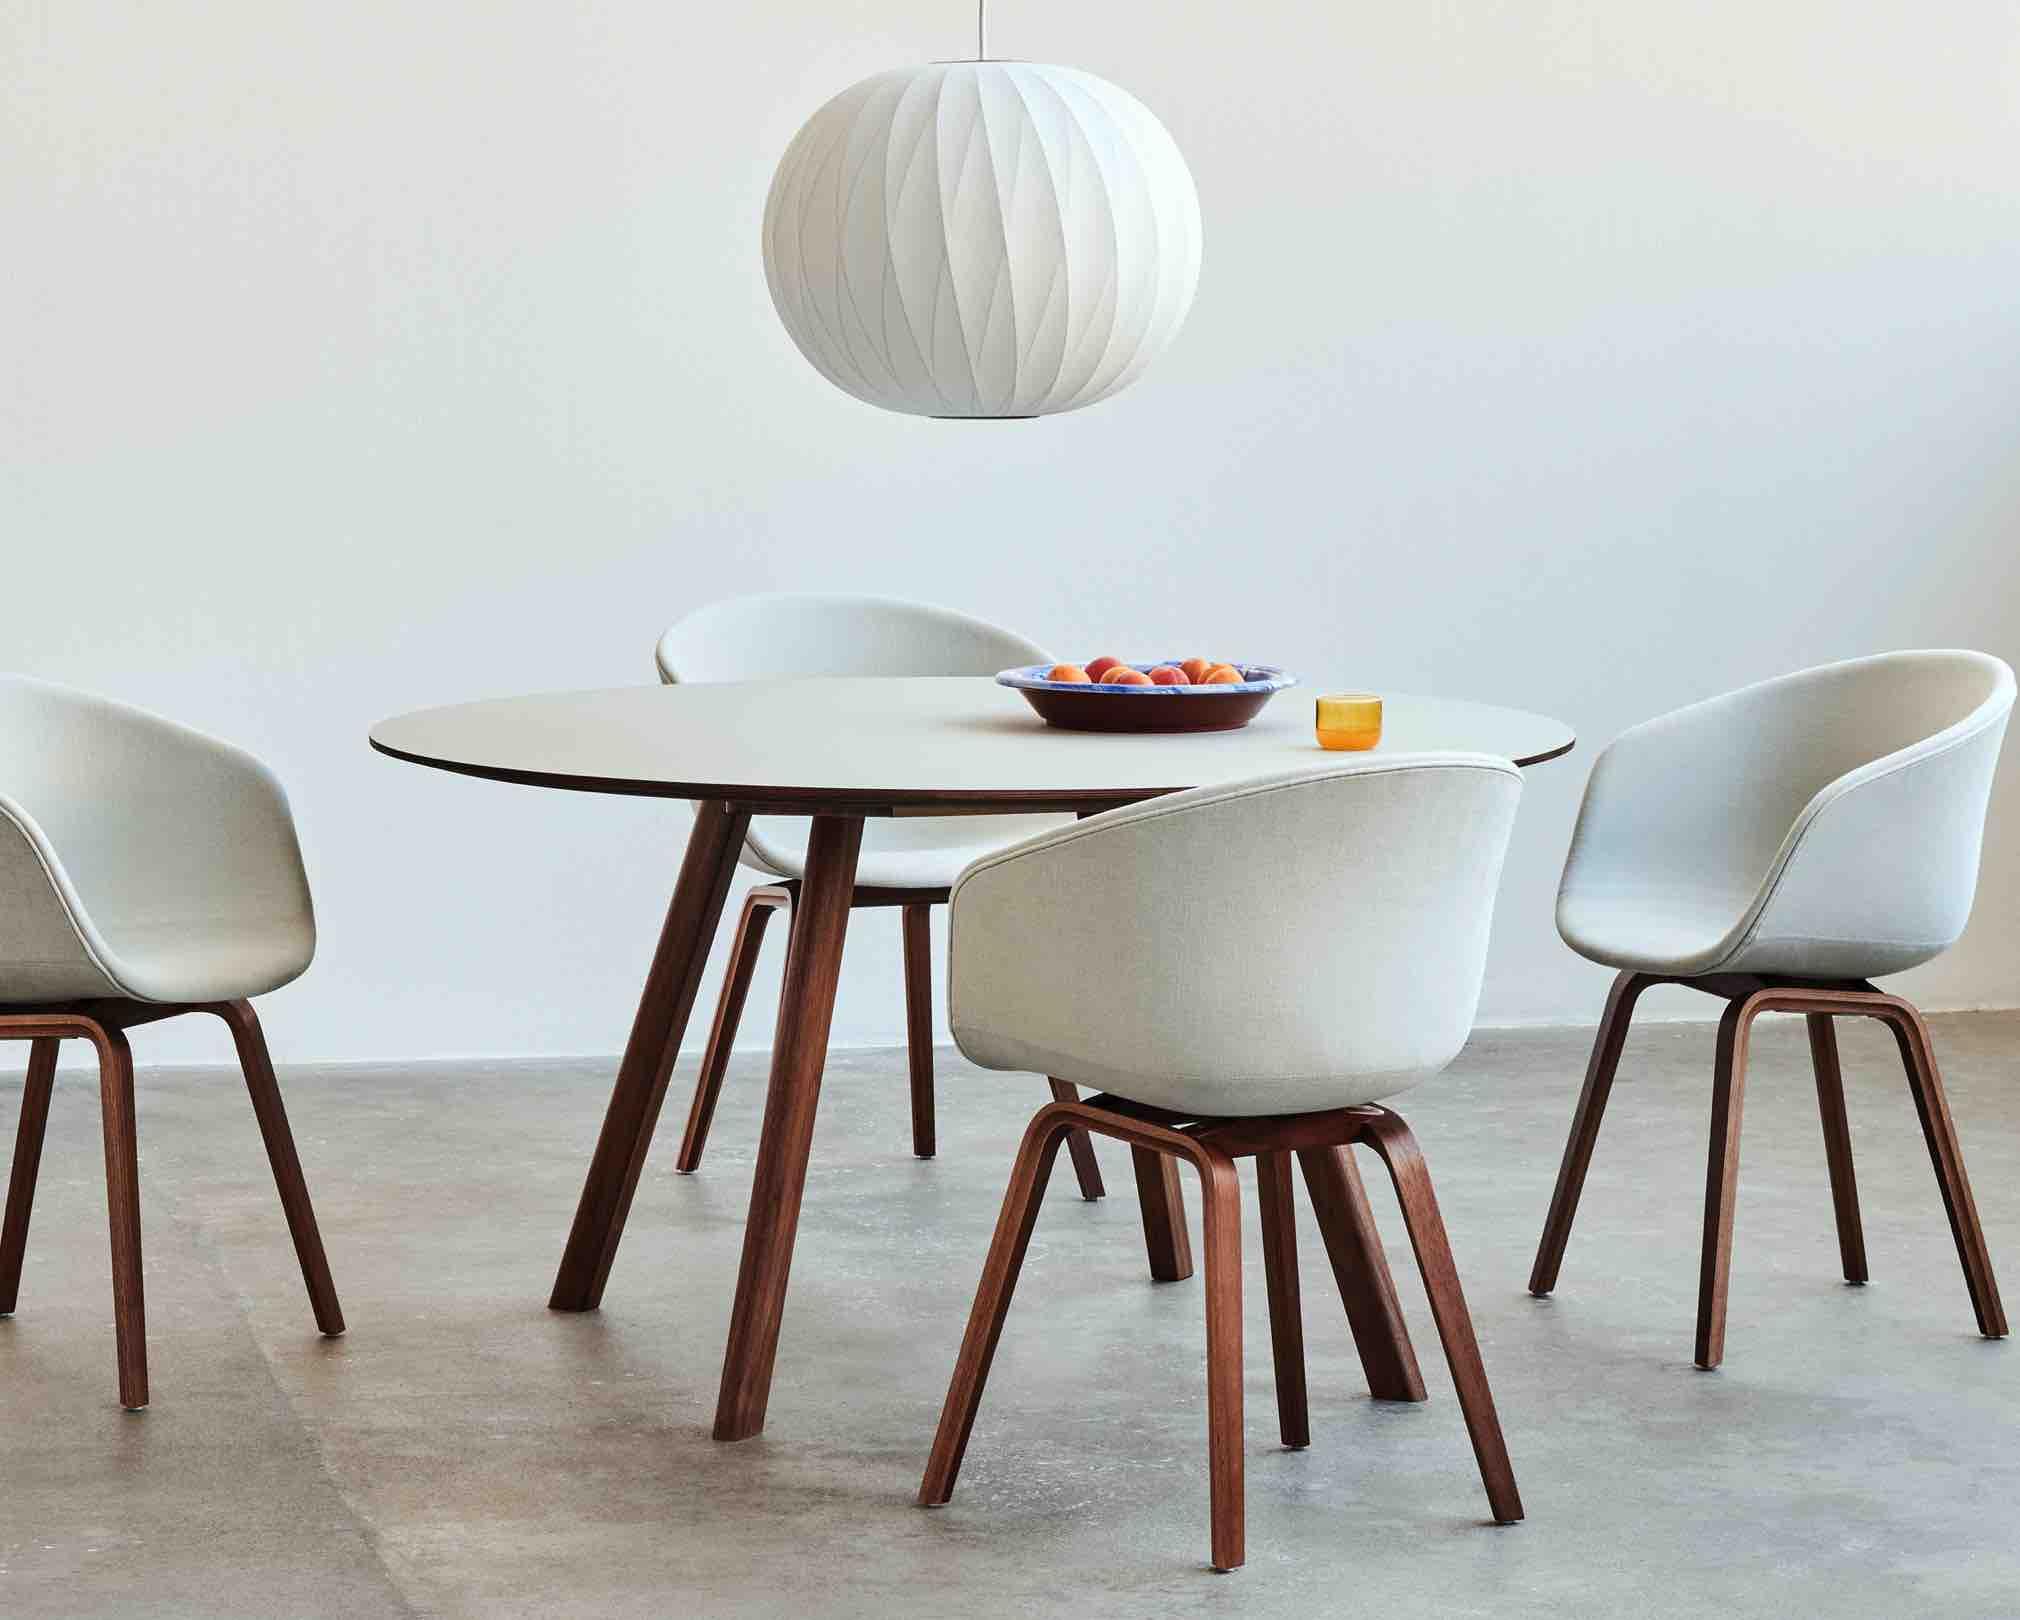 HAY AAS Copenhague Table goedkoop